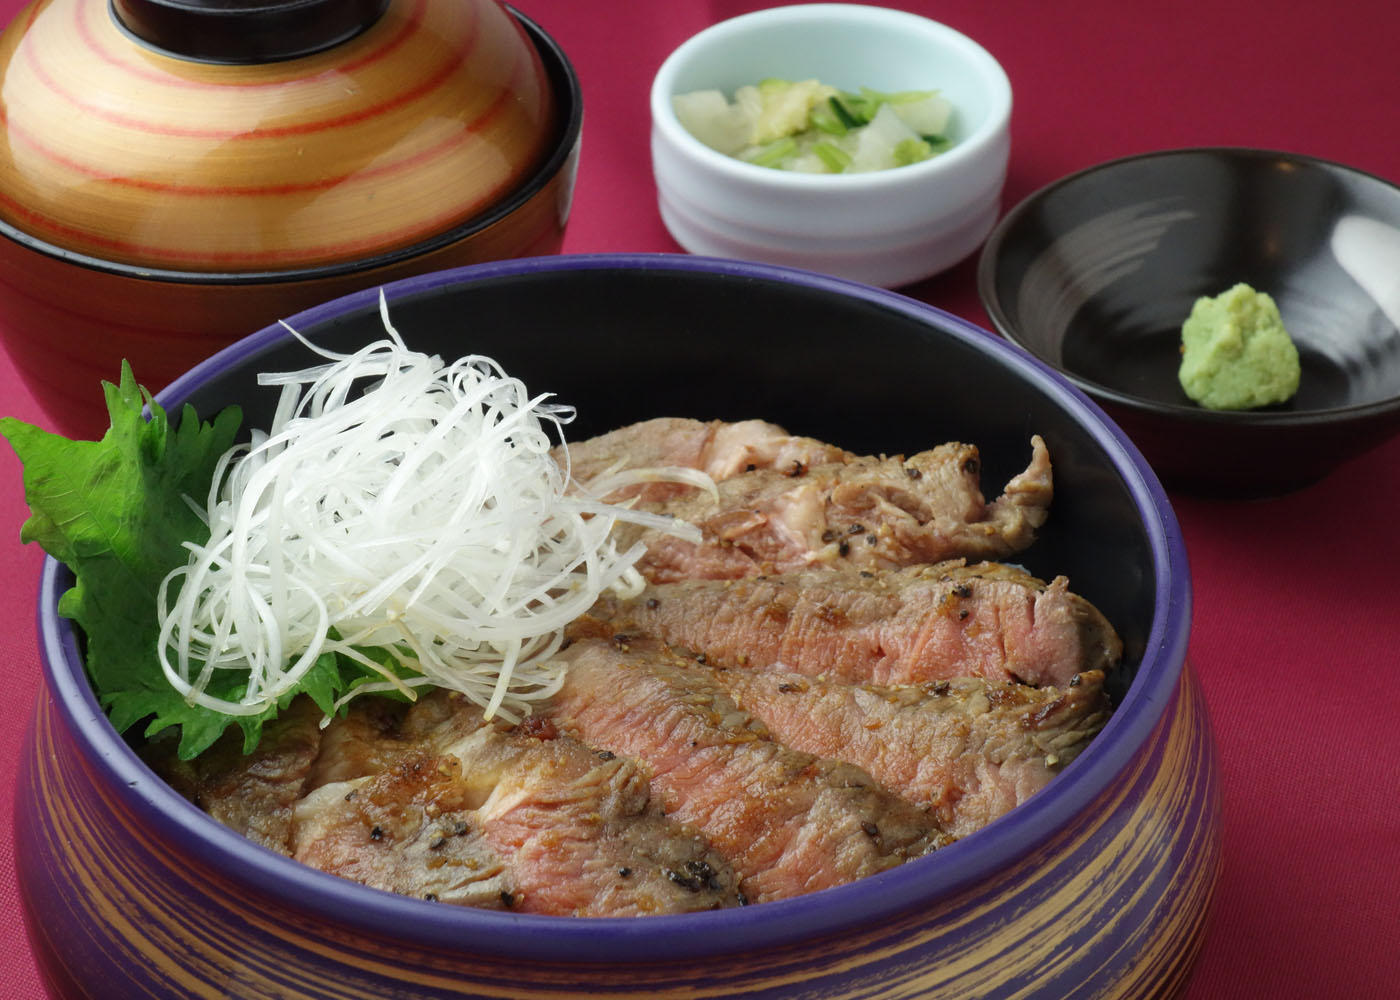 熟成牛のステーキ丼 1,500円(税別)